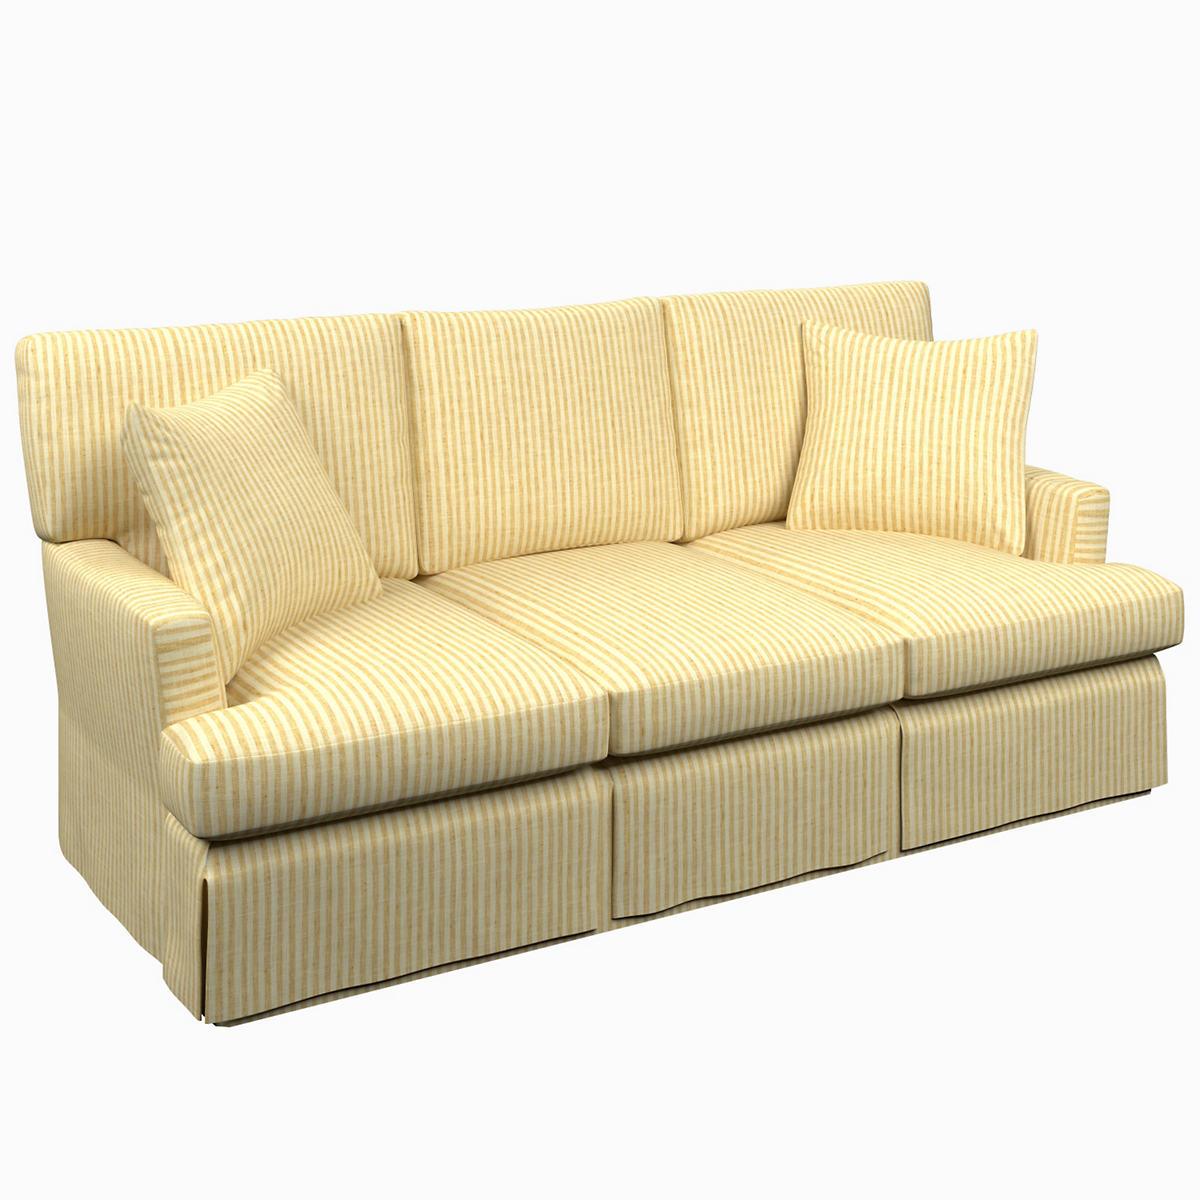 Adams Ticking Gold Saybrook 3 Seater Sofa